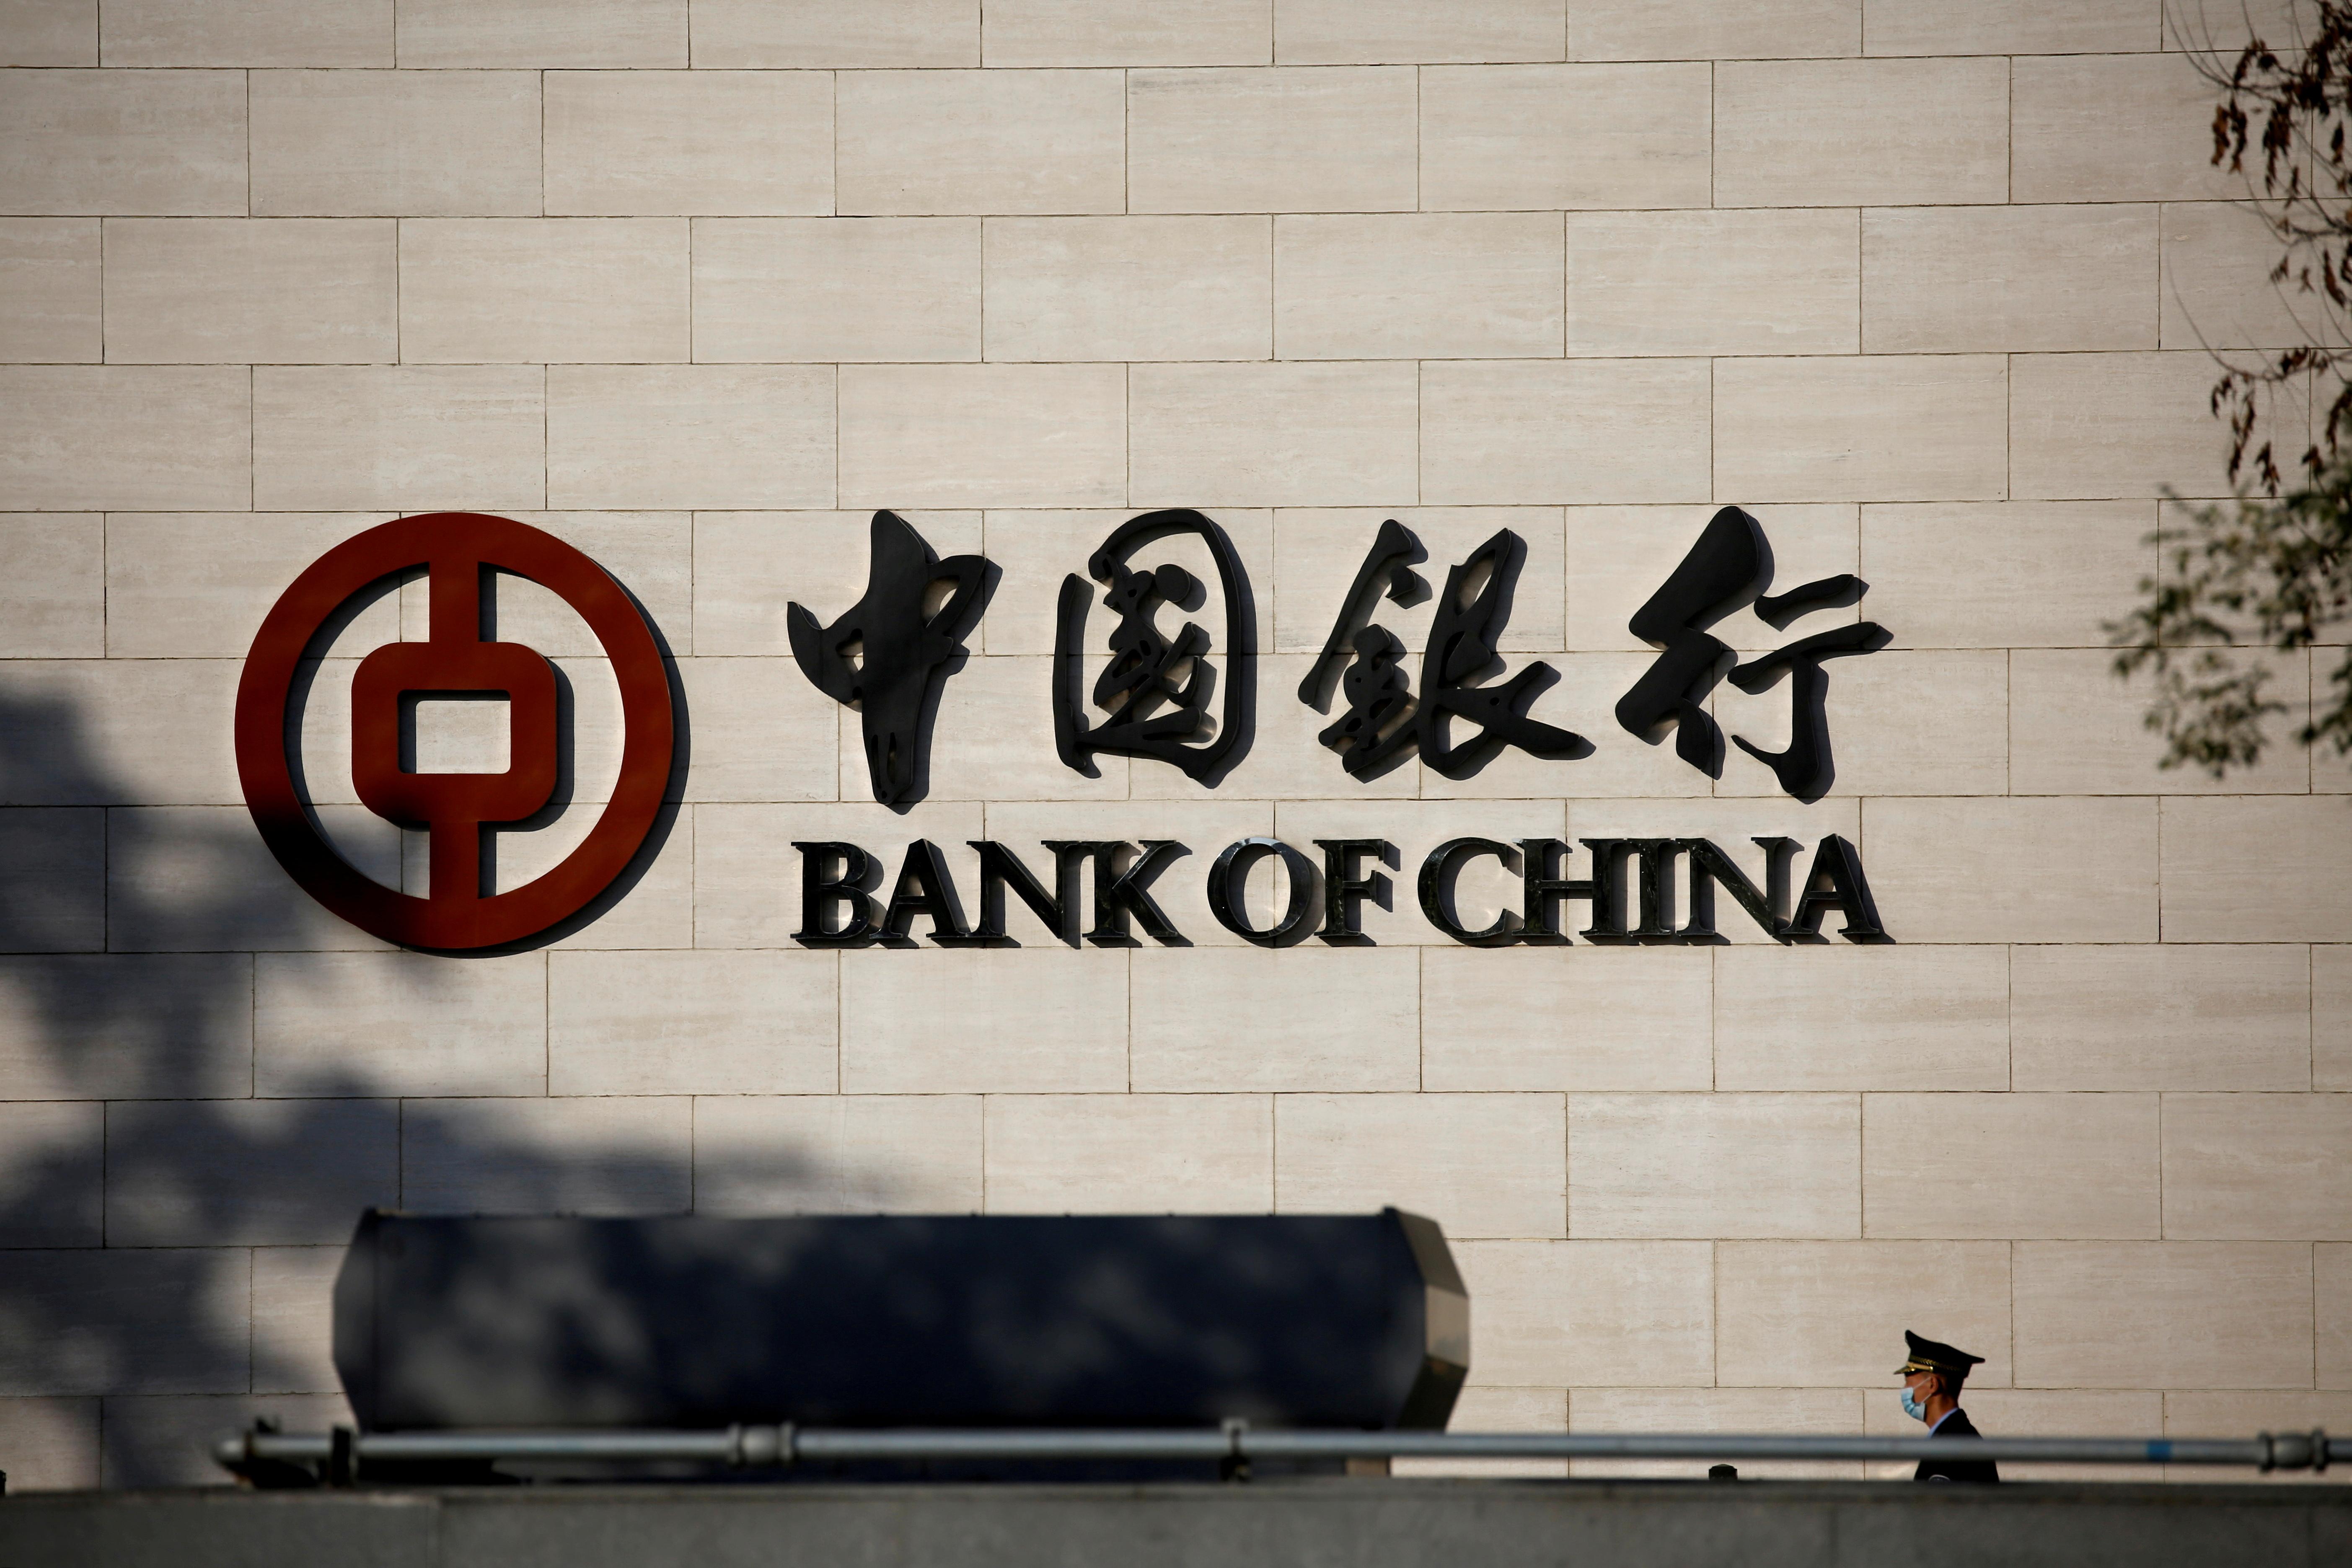 A Bank of China logo in Beijing, China, October 19, 2020. REUTERS/Tingshu Wang/File Photo